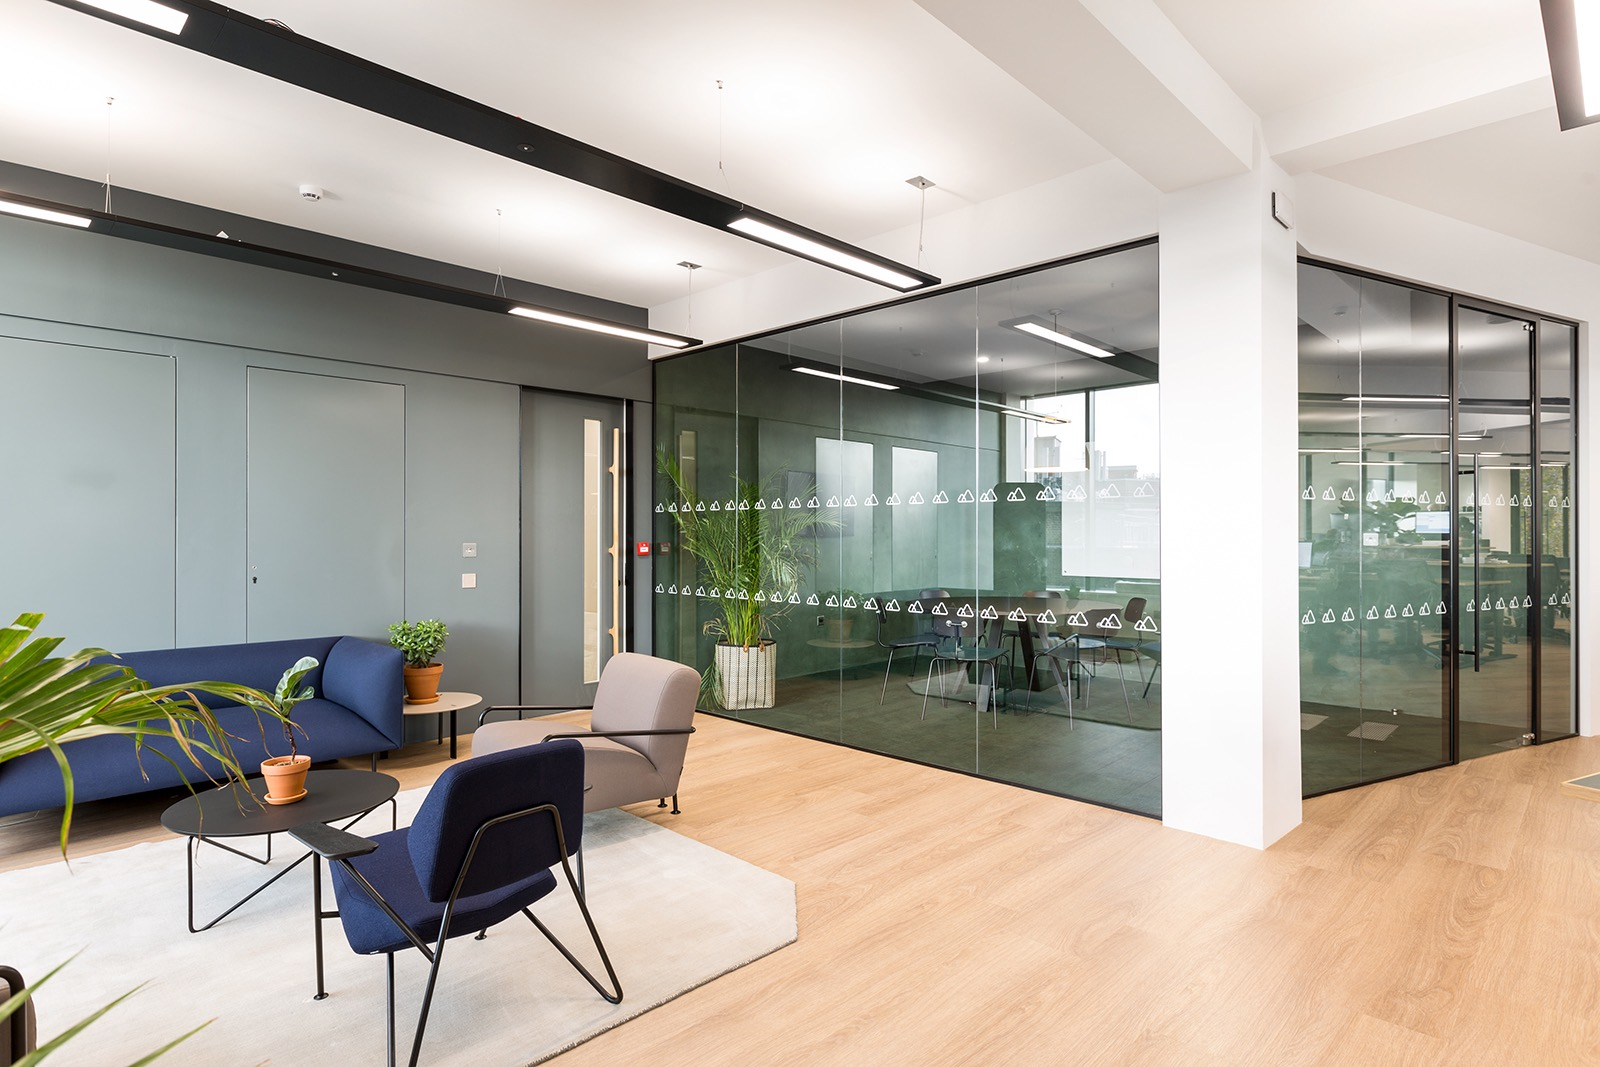 peakon-london-office-11